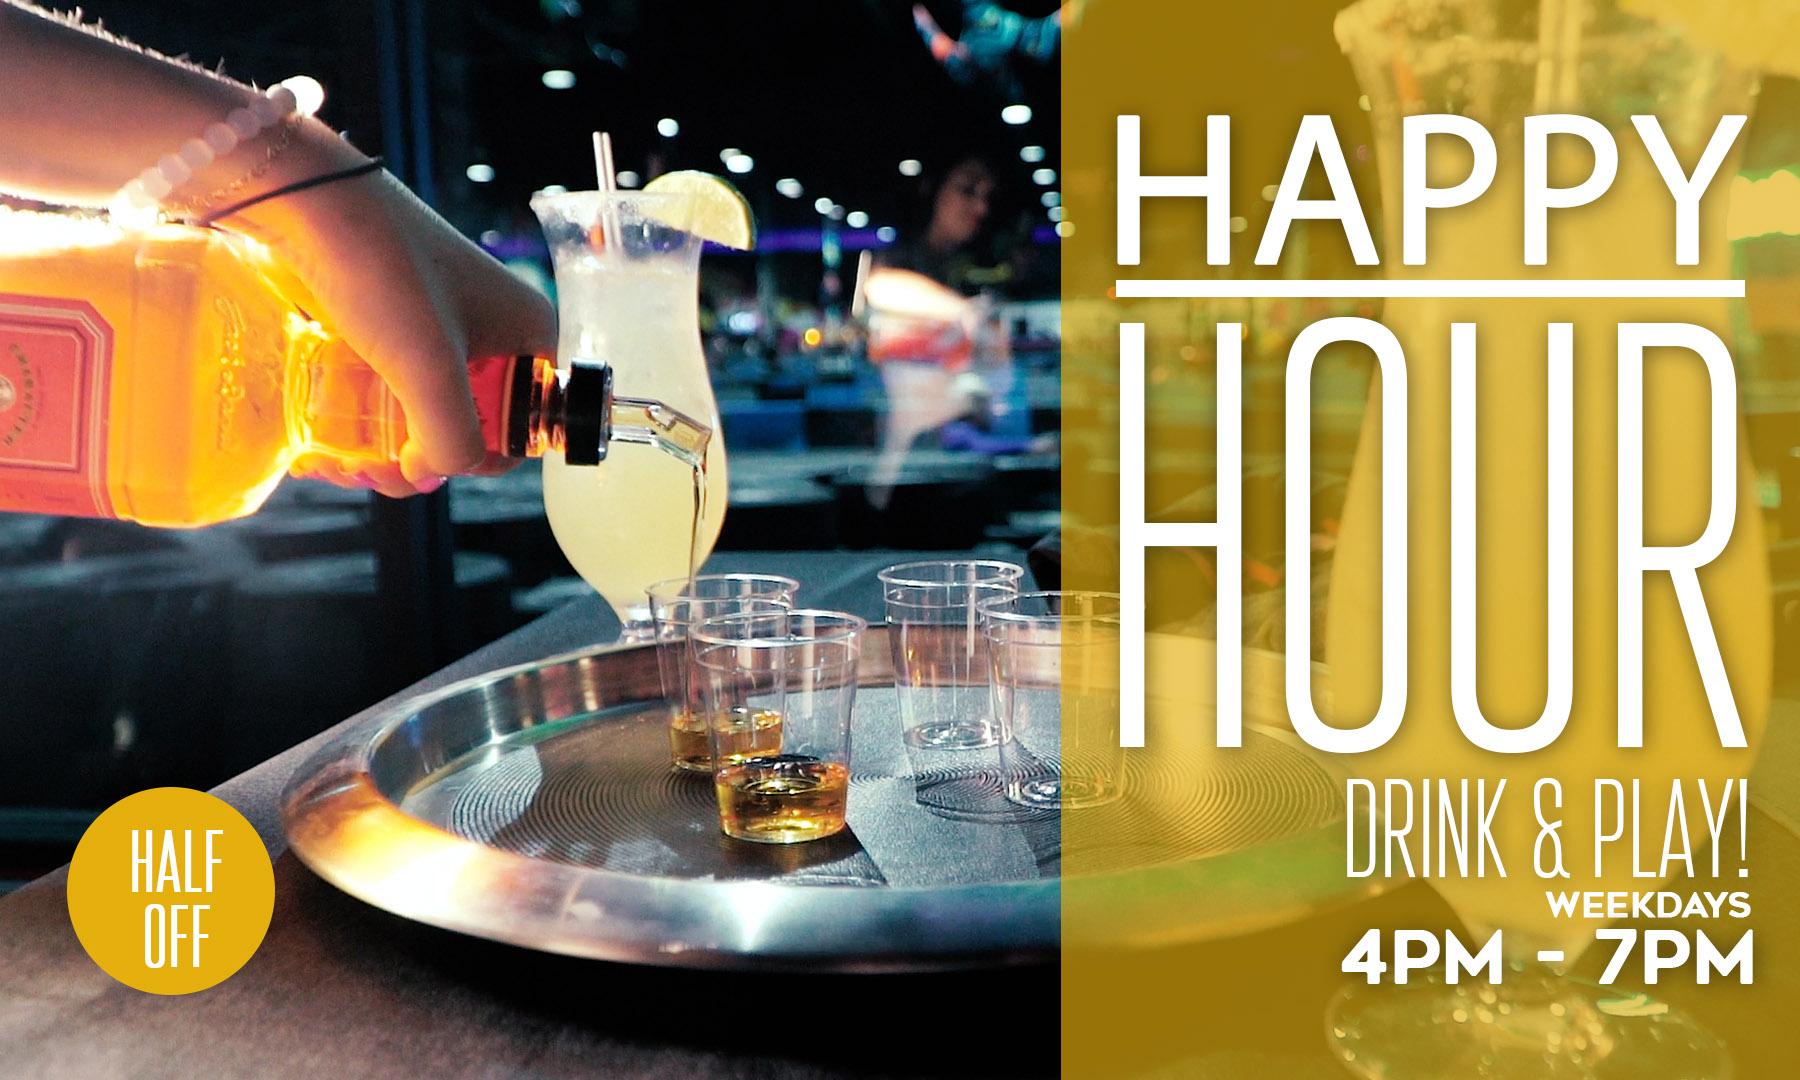 Xtreme Happy Hour